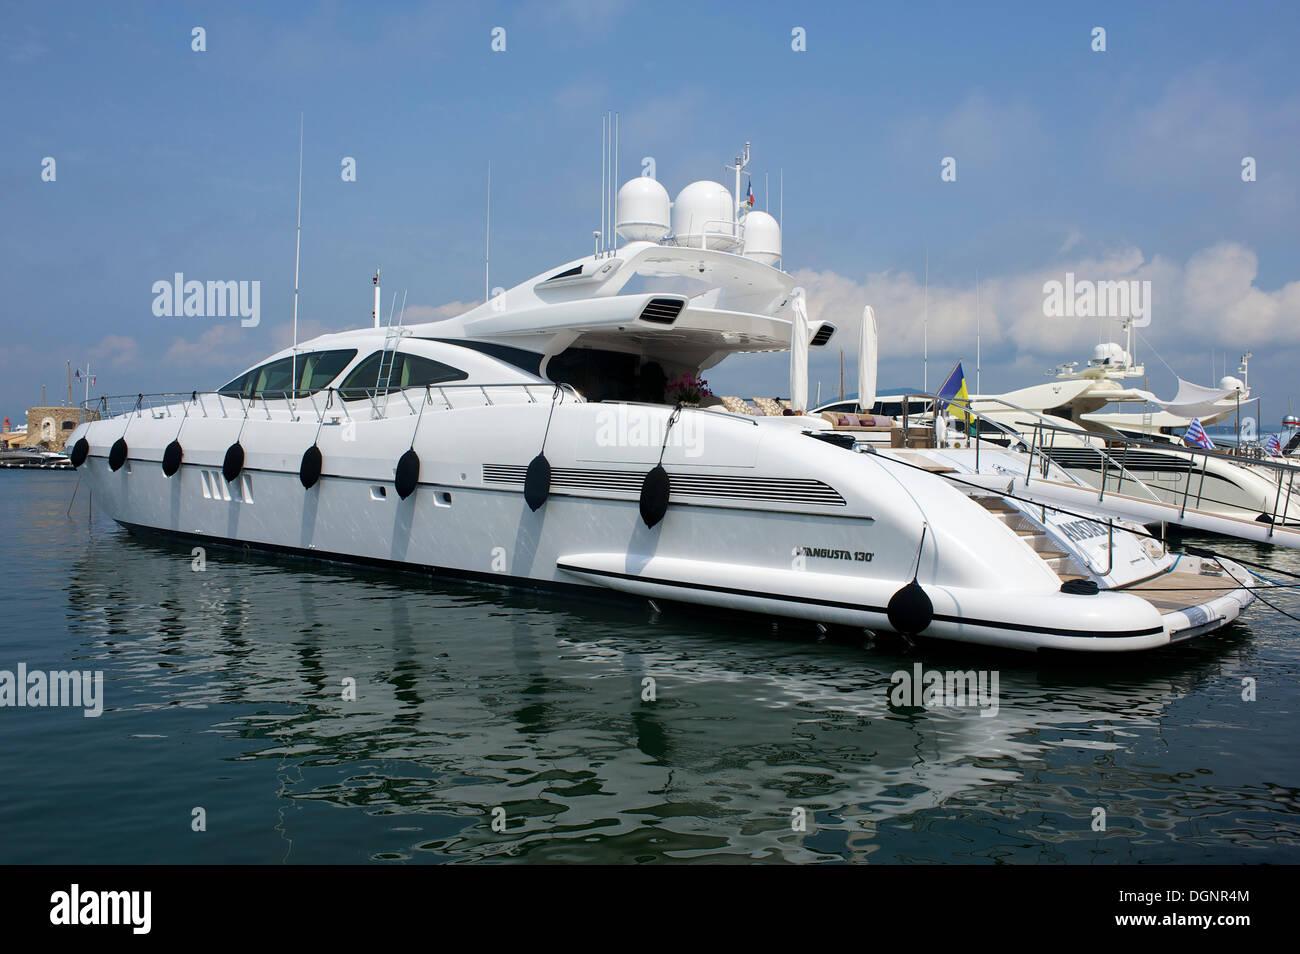 Yacht in the harbor, Côte d'Azur, Saint-Tropez, Département Var, Region Provence-Alpes-Côte d'Azur, France - Stock Image